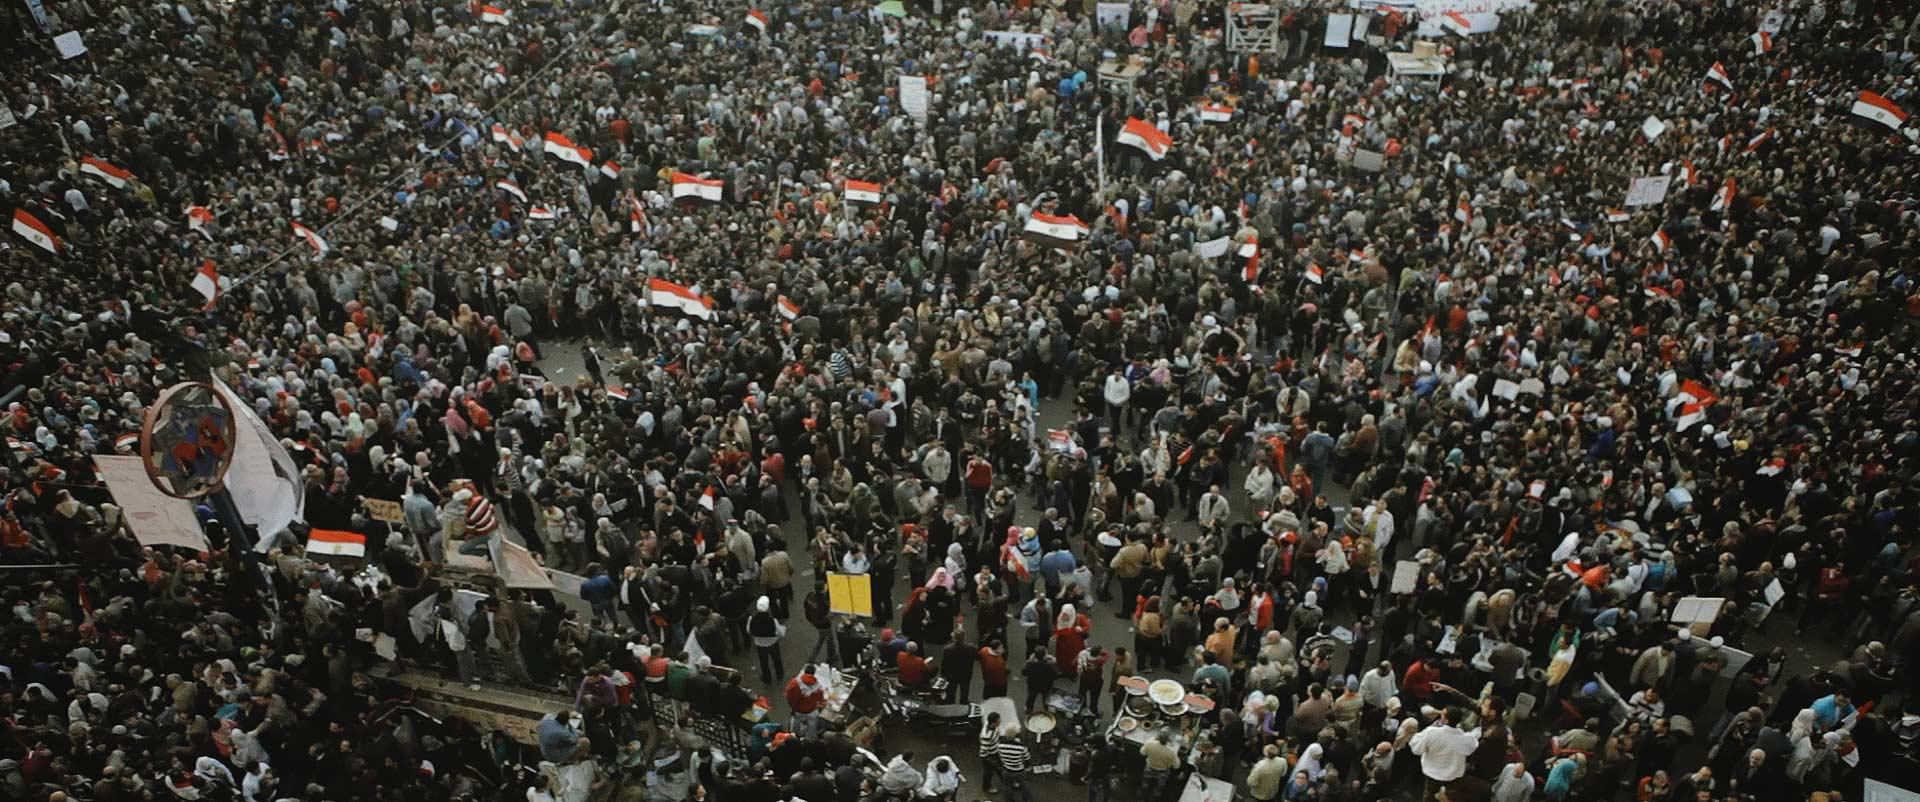 EVRE-STILL-EGYPT-2